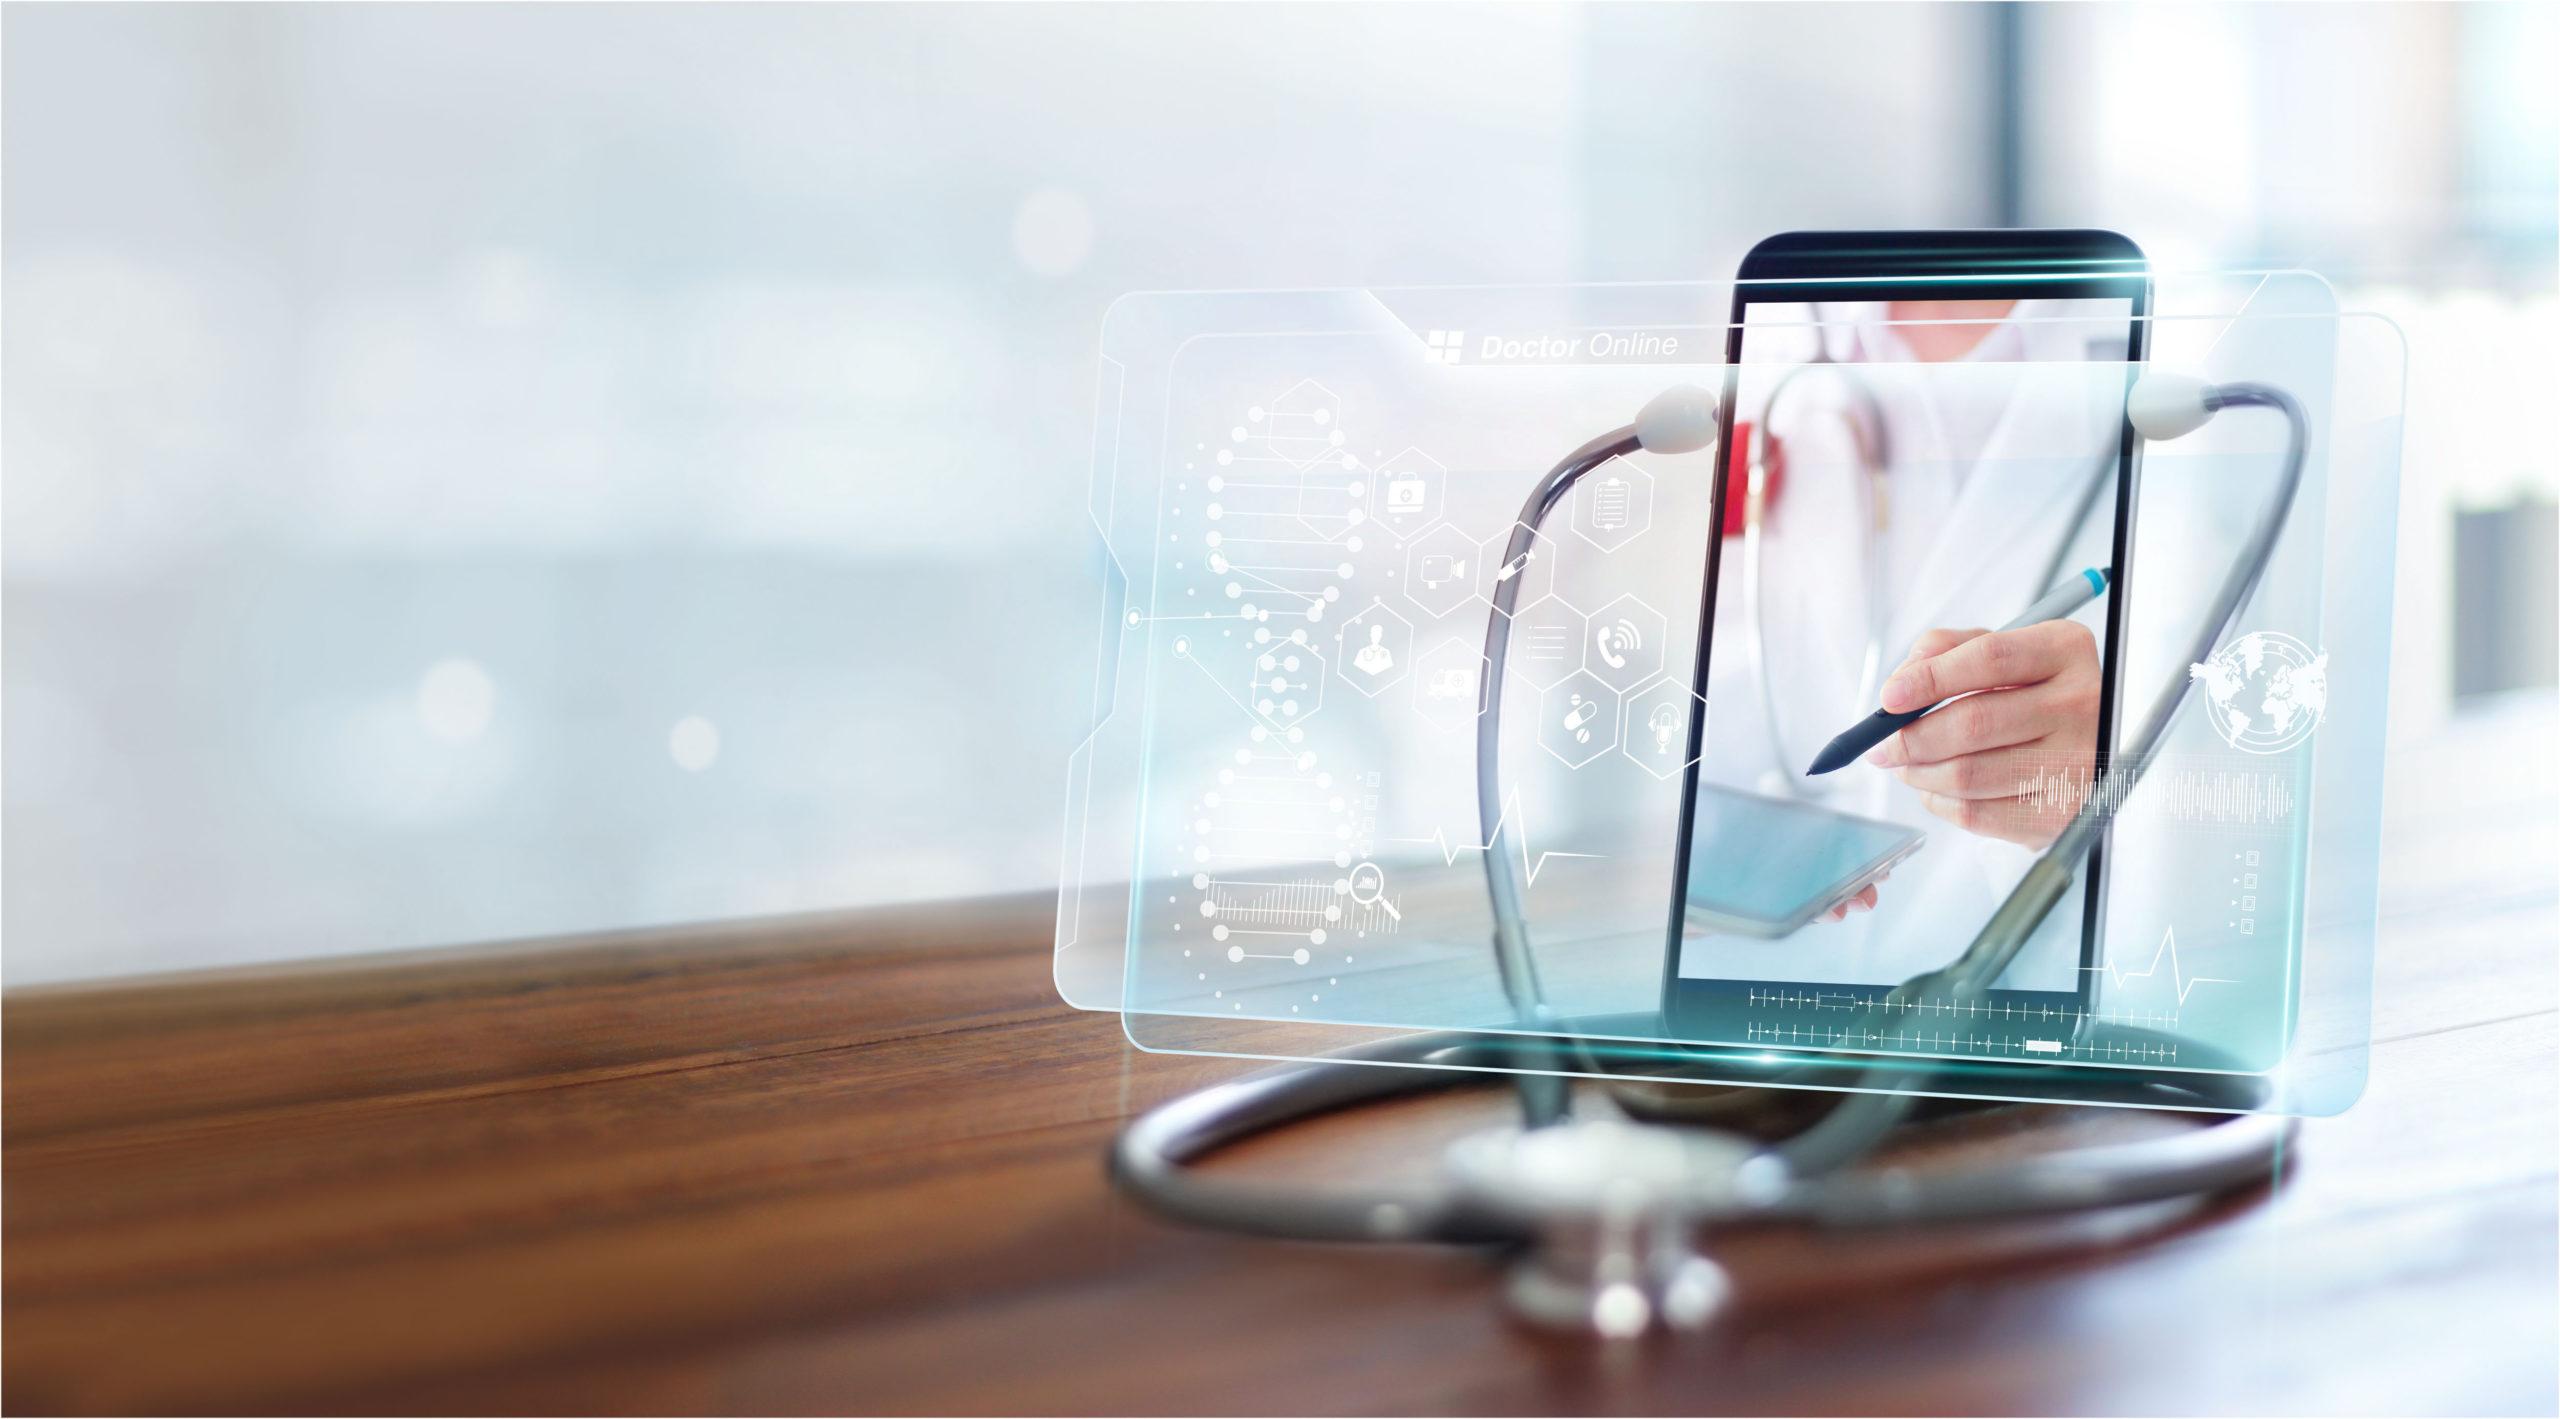 Pflege digitalisiert sich